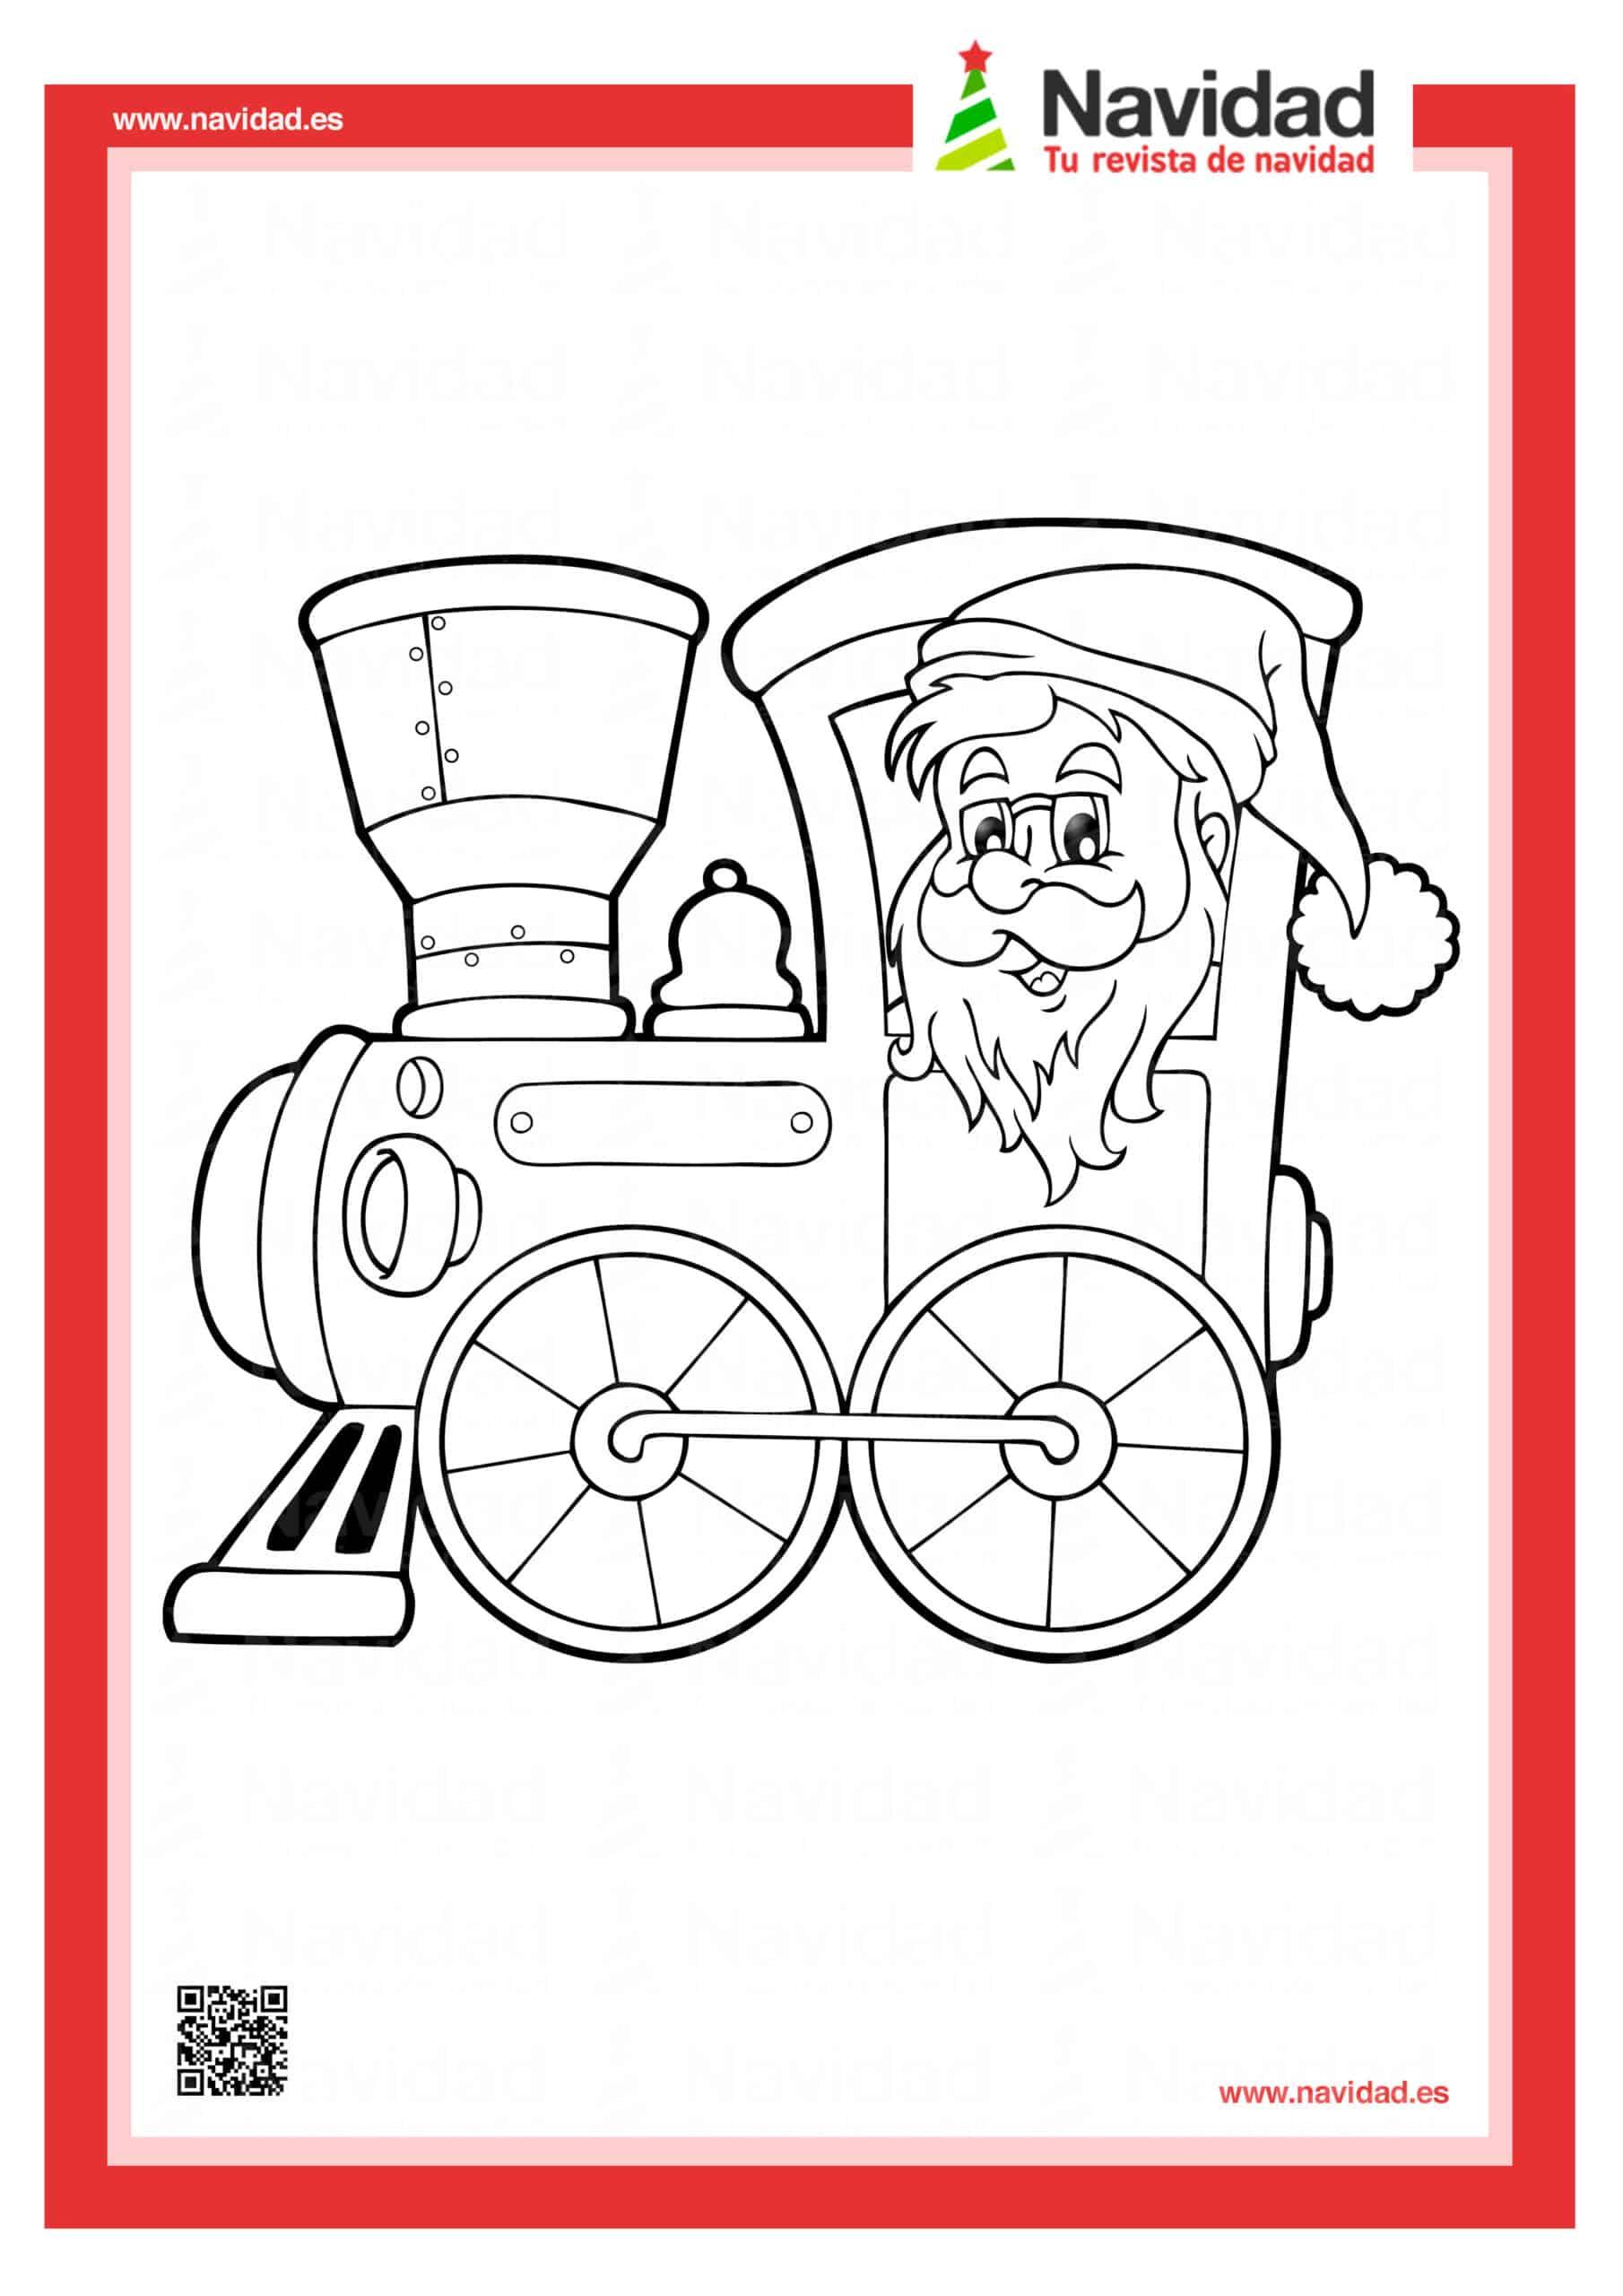 10 dibujos de Papá Noel para colorear con los más pequeños de la casa 6